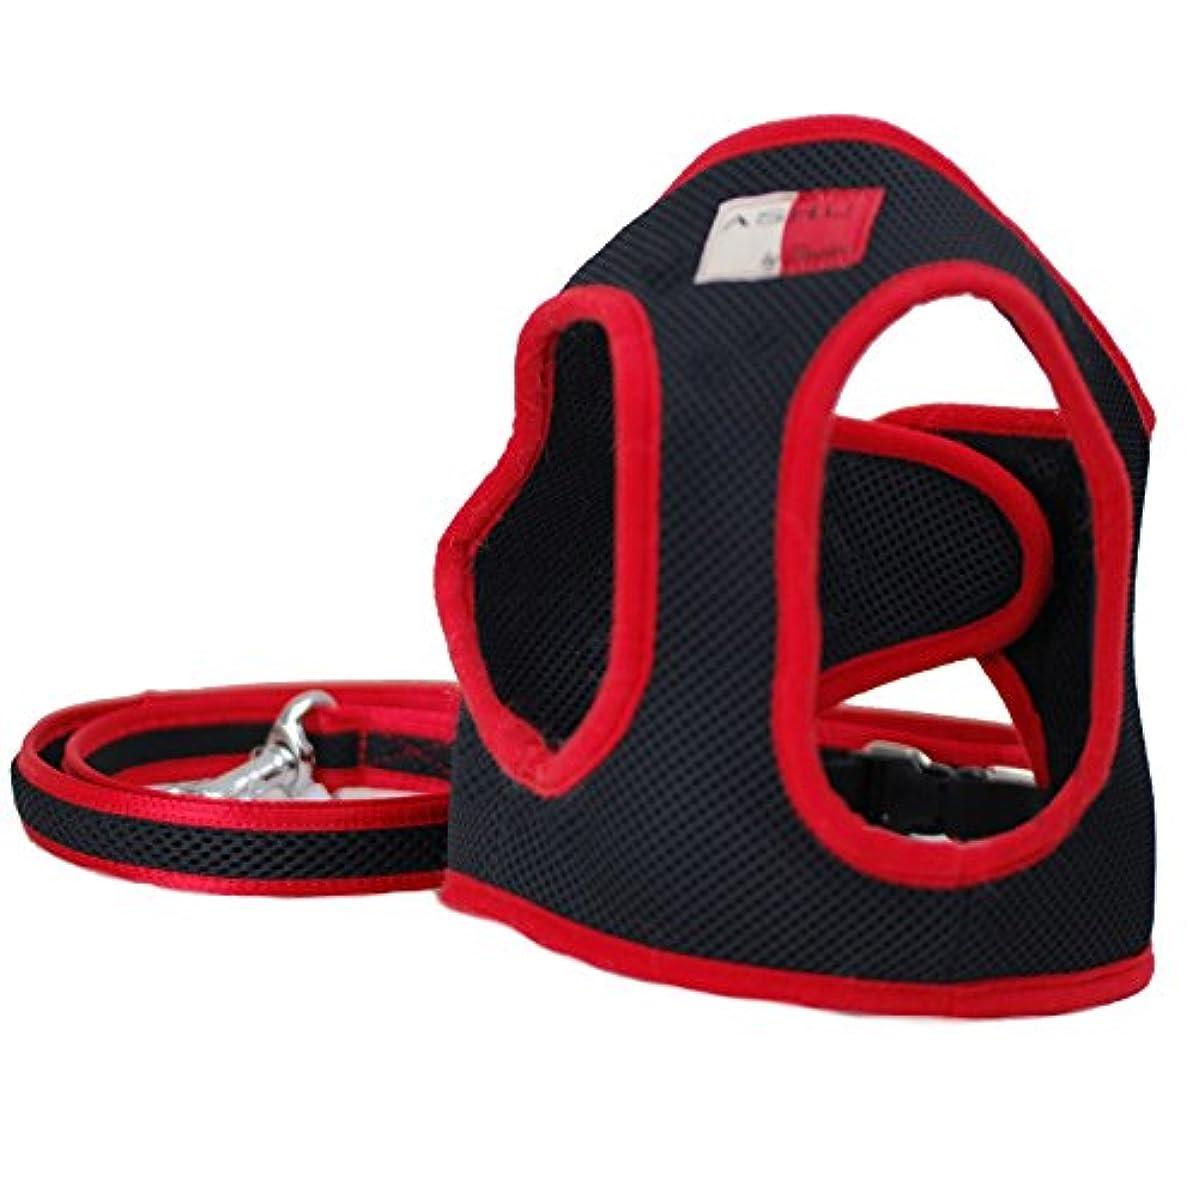 鳥飢饉ロデオASHU 散歩用 ウエアハーネスセット Sサイズ 小型犬 2kg~3.5kg(目安) (メッシュ?ブラック)